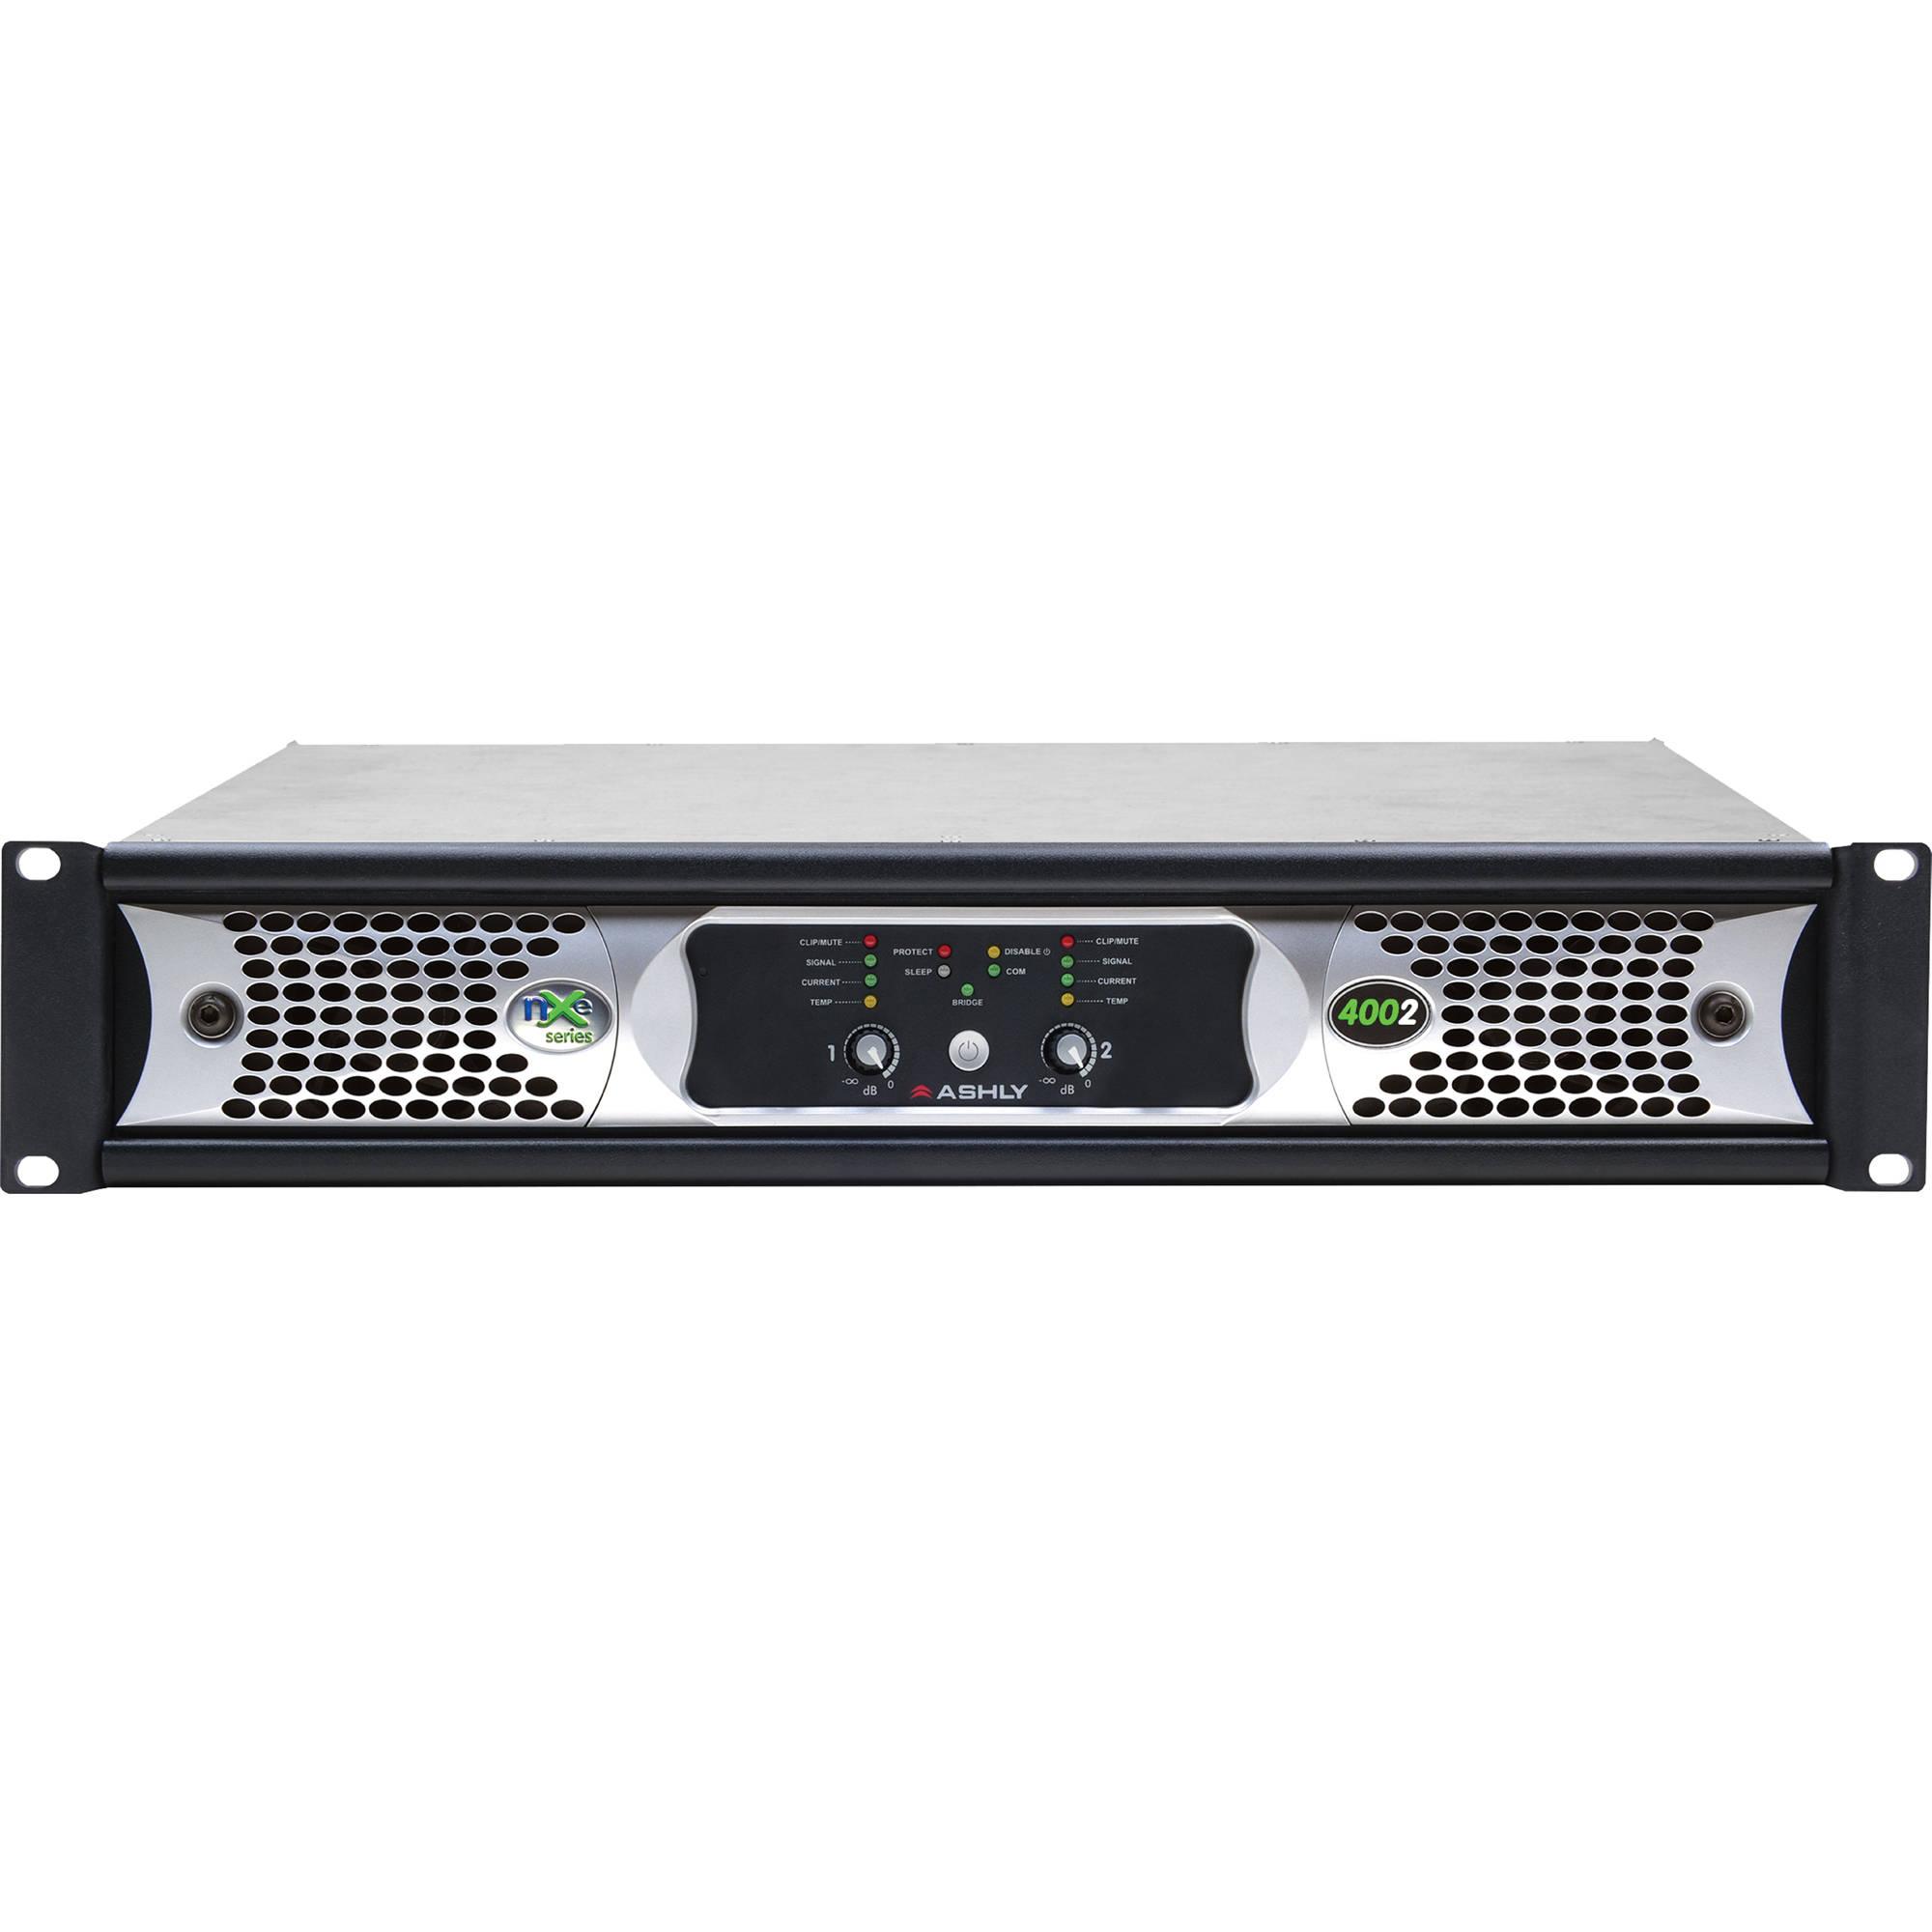 ashly nxe series nxe4002 2 channel 400w power amplifier nxe4002 rh bhphotovideo com